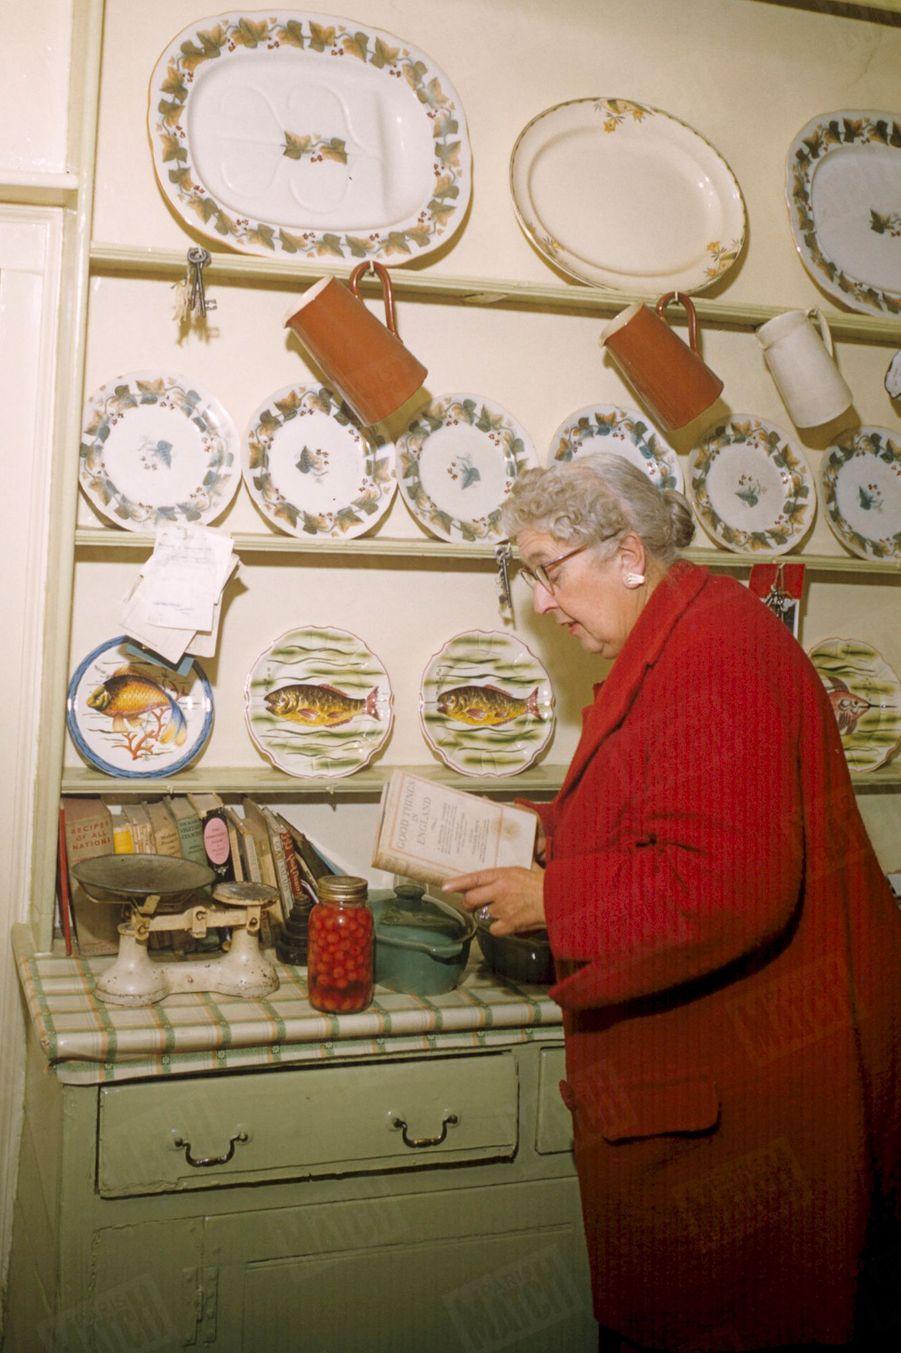 """«""""J'aime la nourriture"""", avoue simplement Agatha Christie cordon-bleu, pour qui la """"pie"""" aux cerises et à la crème vaut le meilleur roman » - Paris Match n°411, 23 février 1957"""